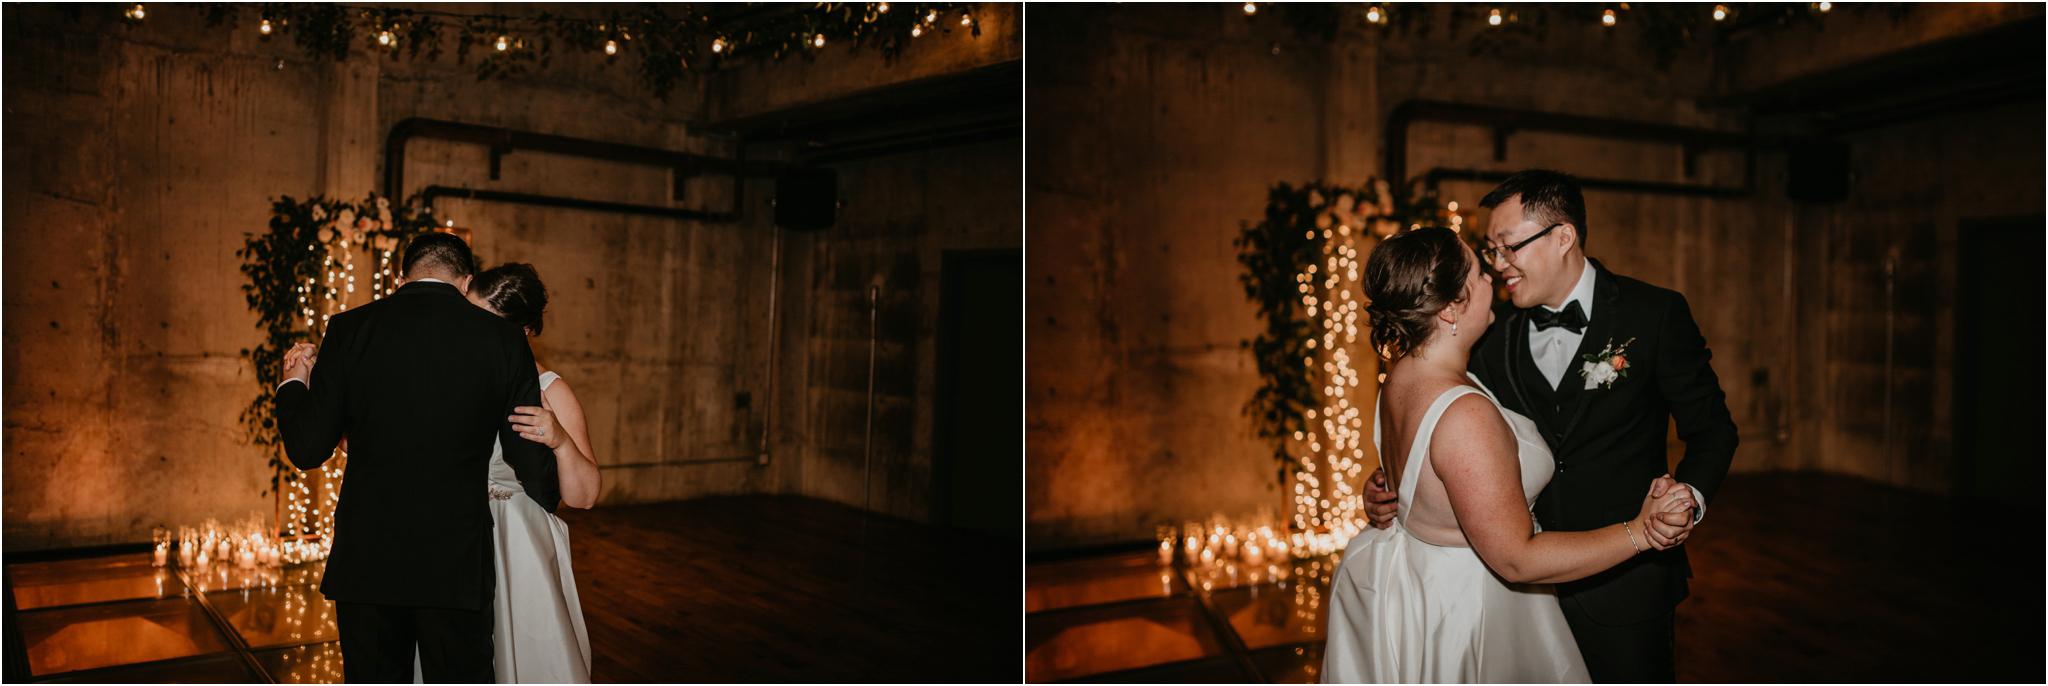 ashley-and-david-fremont-foundry-seattle-washington-wedding-photographer-127.jpg